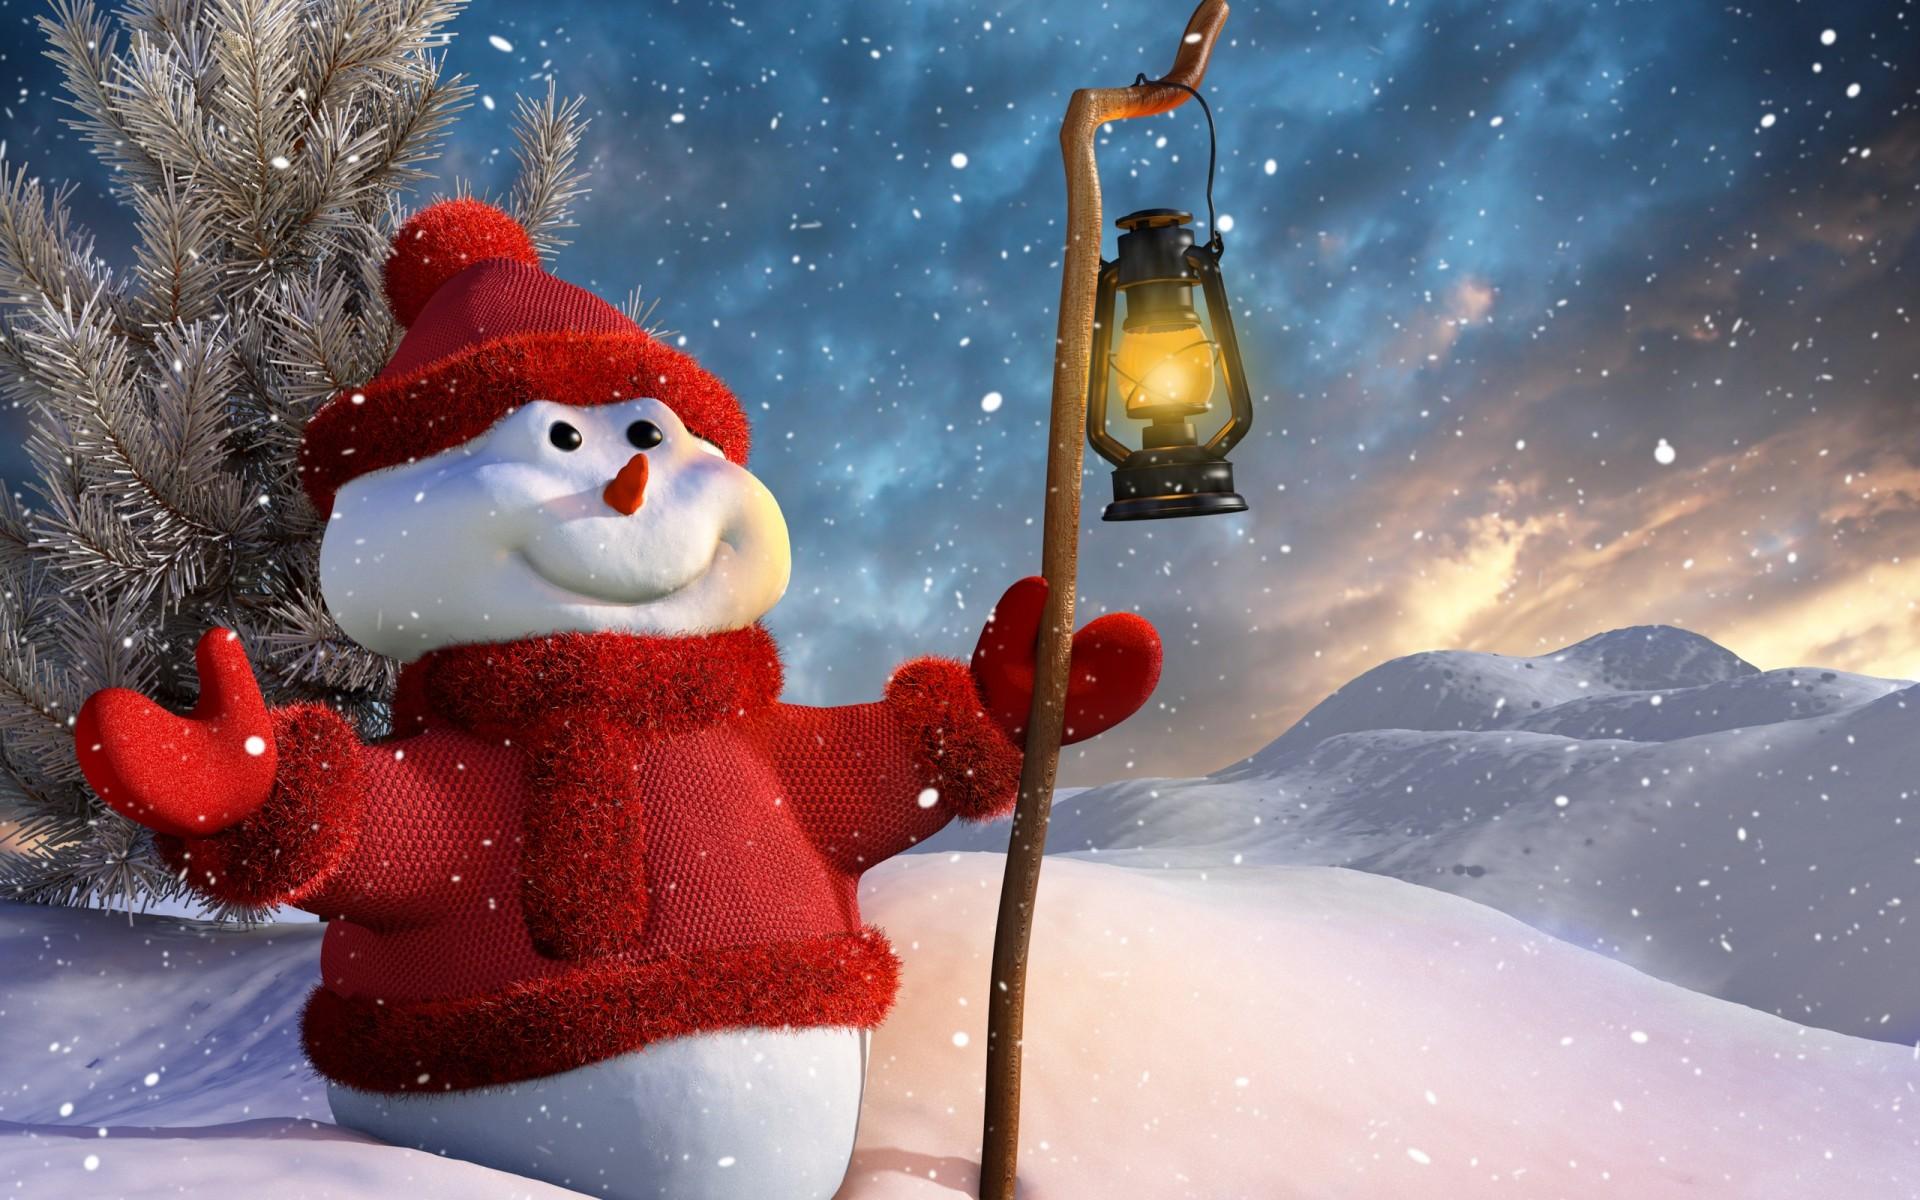 Snowman Desktop Backgrounds 55 images 1920x1200